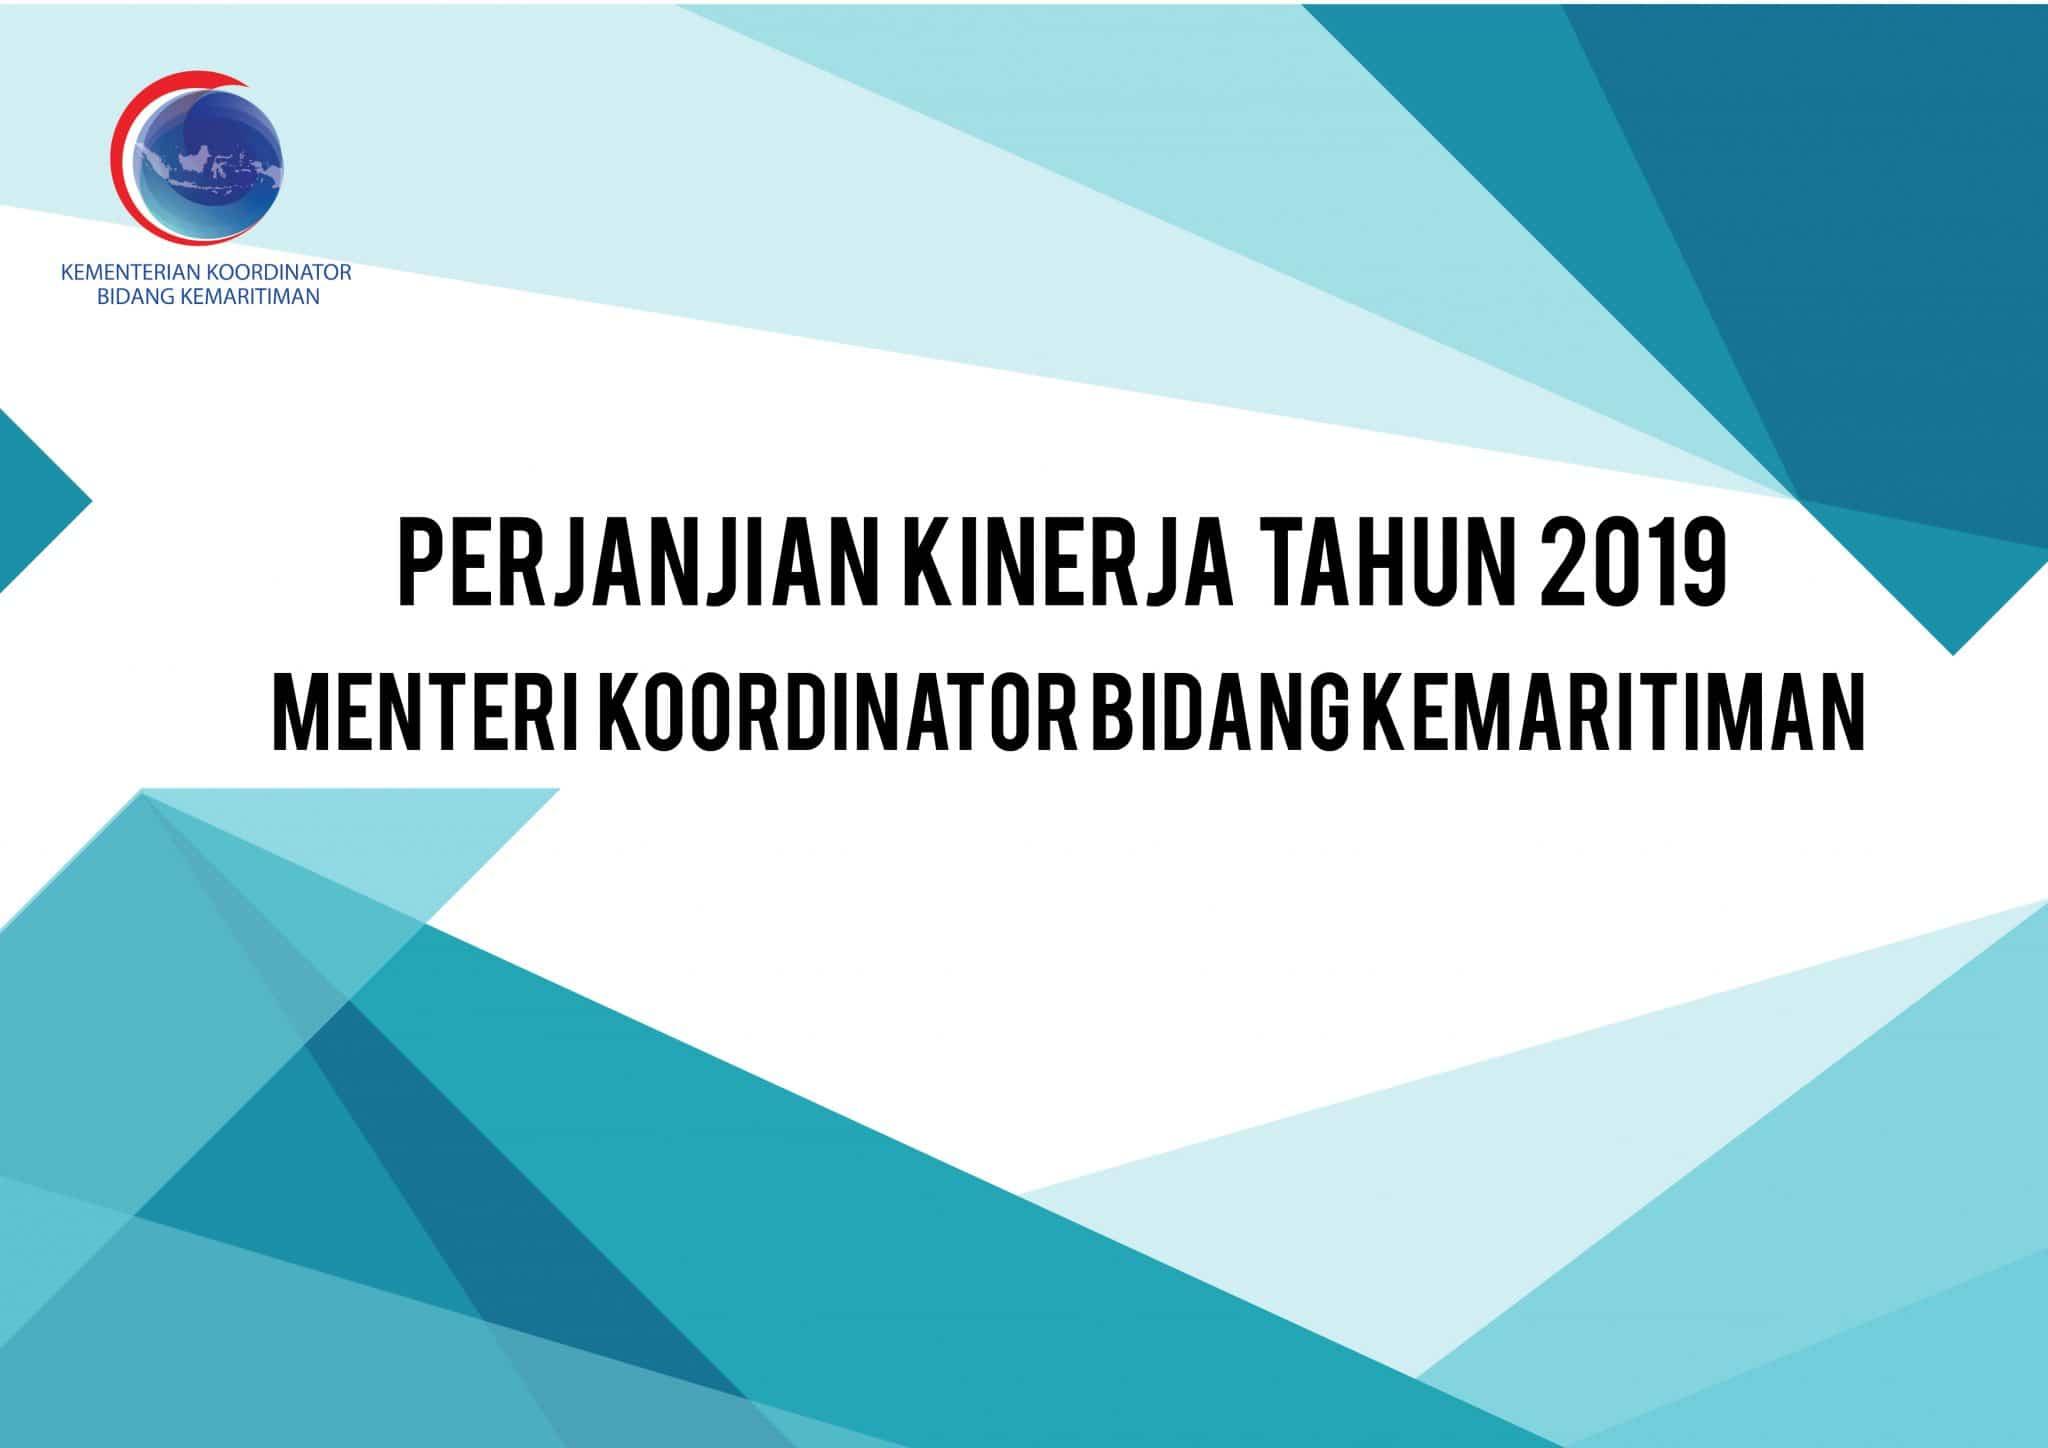 Perjanjian Kinerja Tahun 2019 Menteri Koordinator Bidang Kemaritiman